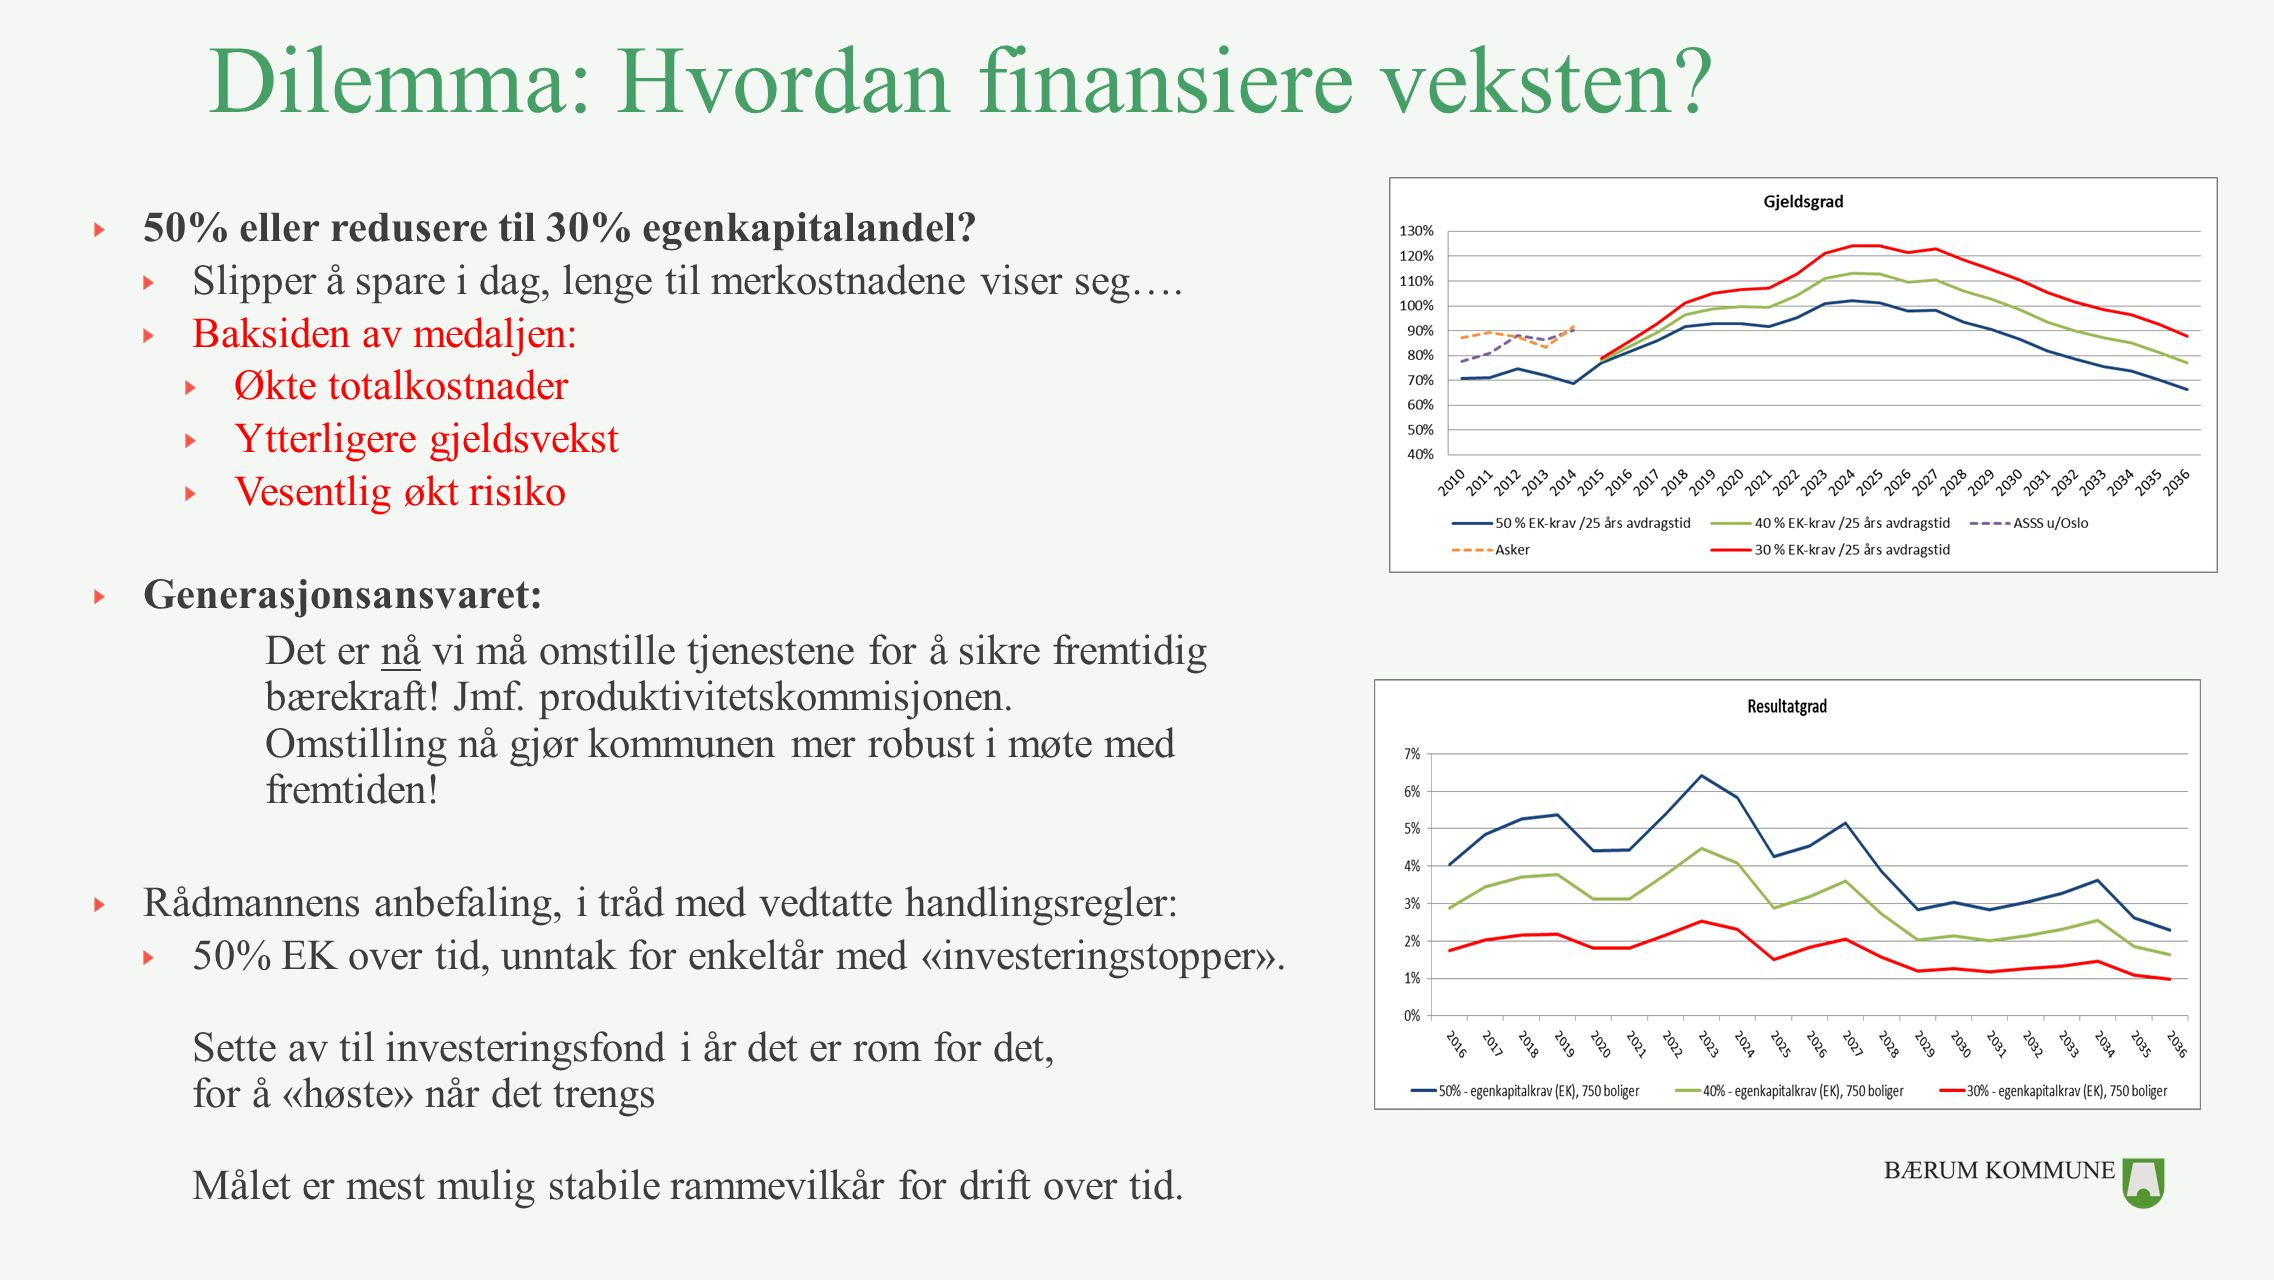 Dilemma: Hvordan finansiere veksten. 50% eller redusere til 30% egenkapitalandel.